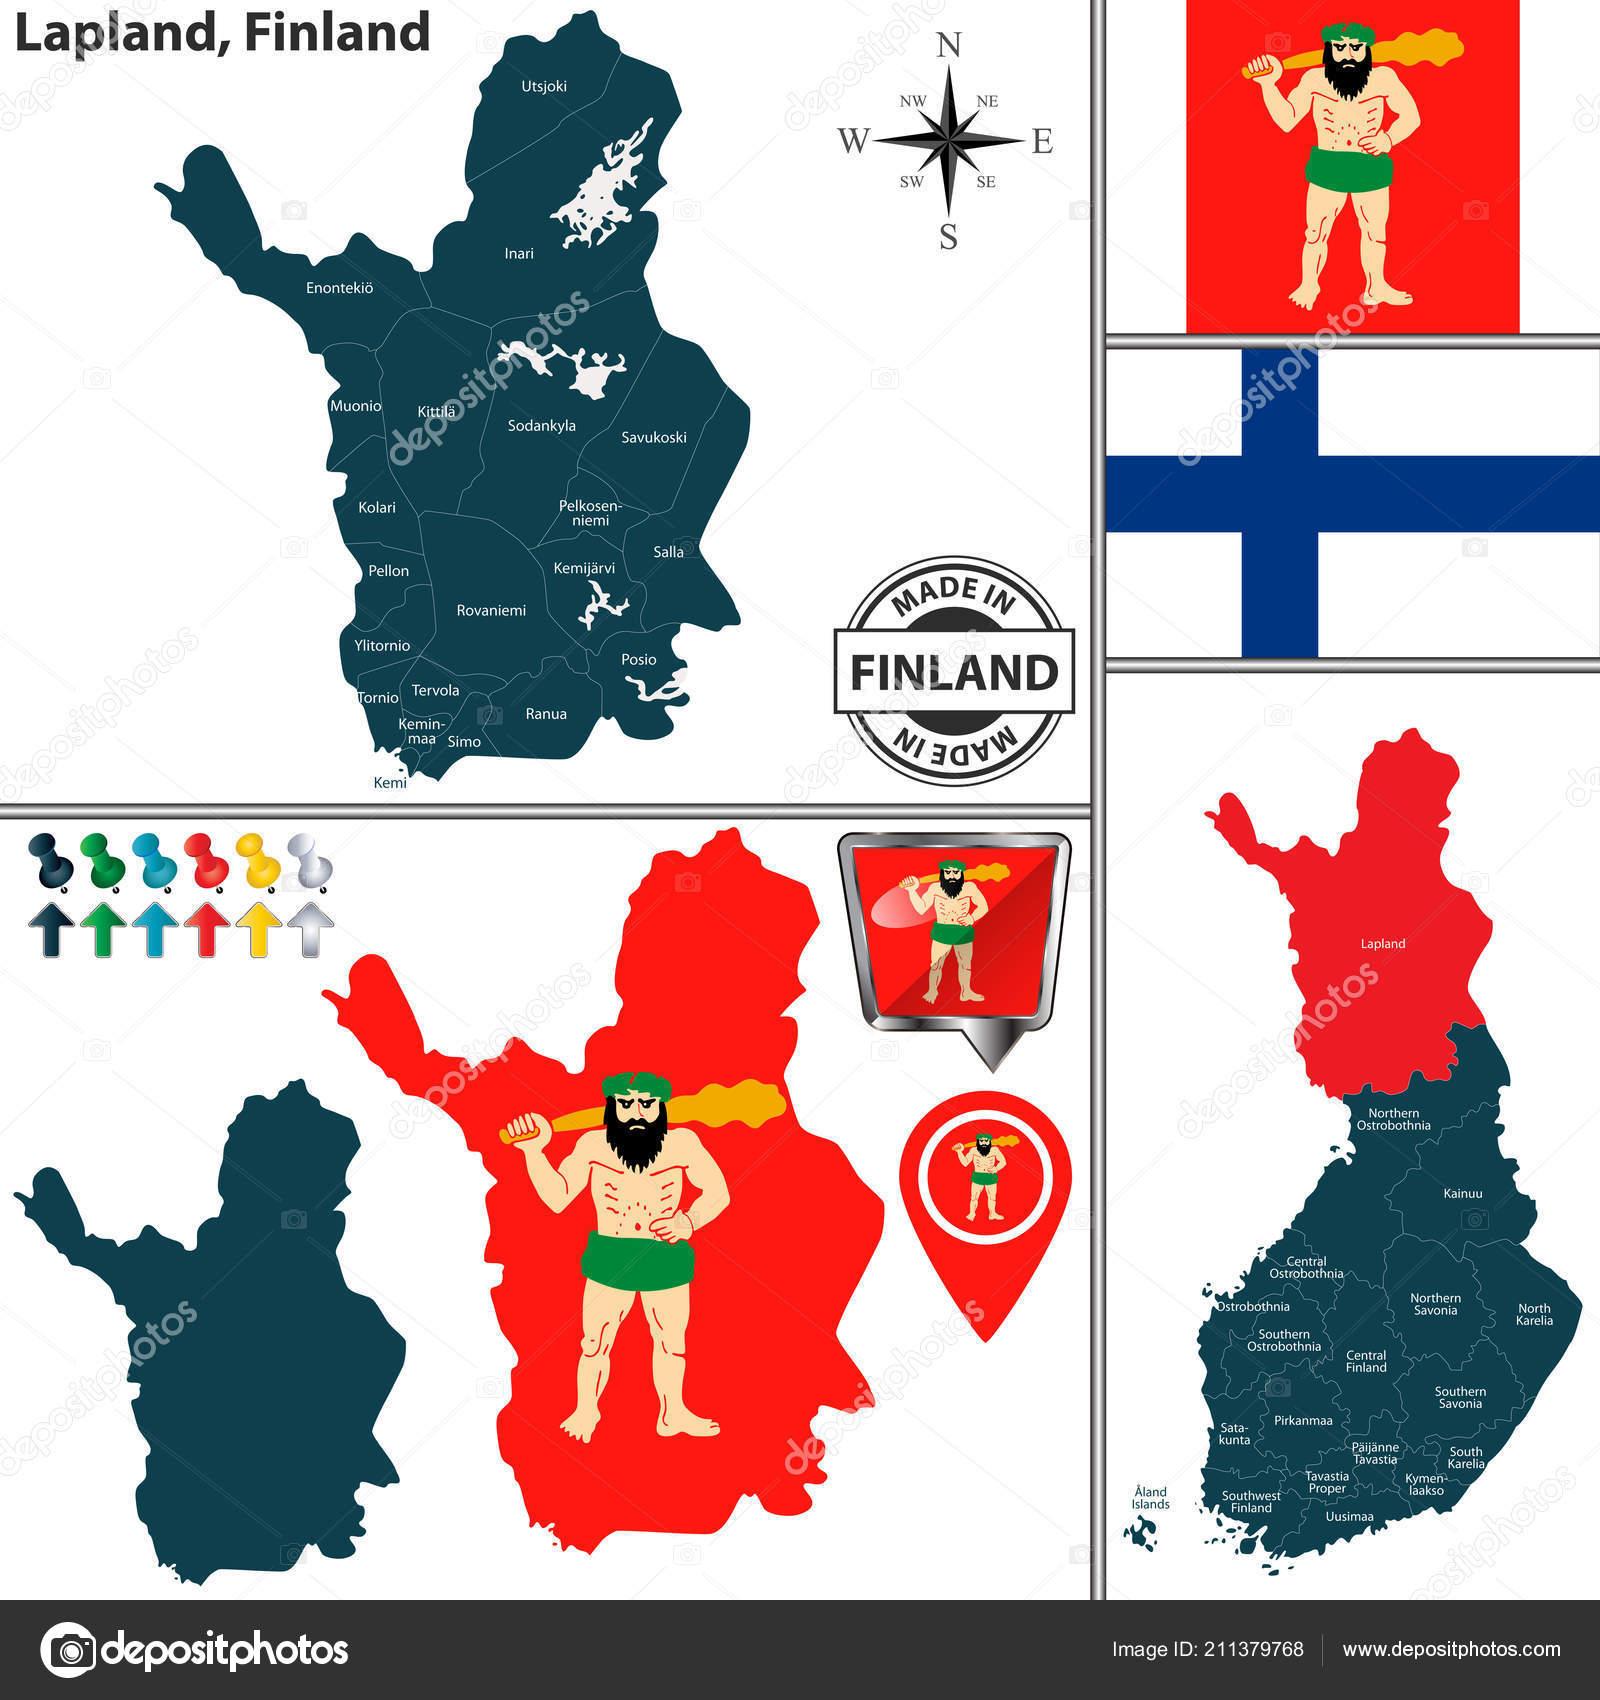 Lappland Karte.Vektorkarte Von Lappland Region Und Standort Auf Finnische Karte